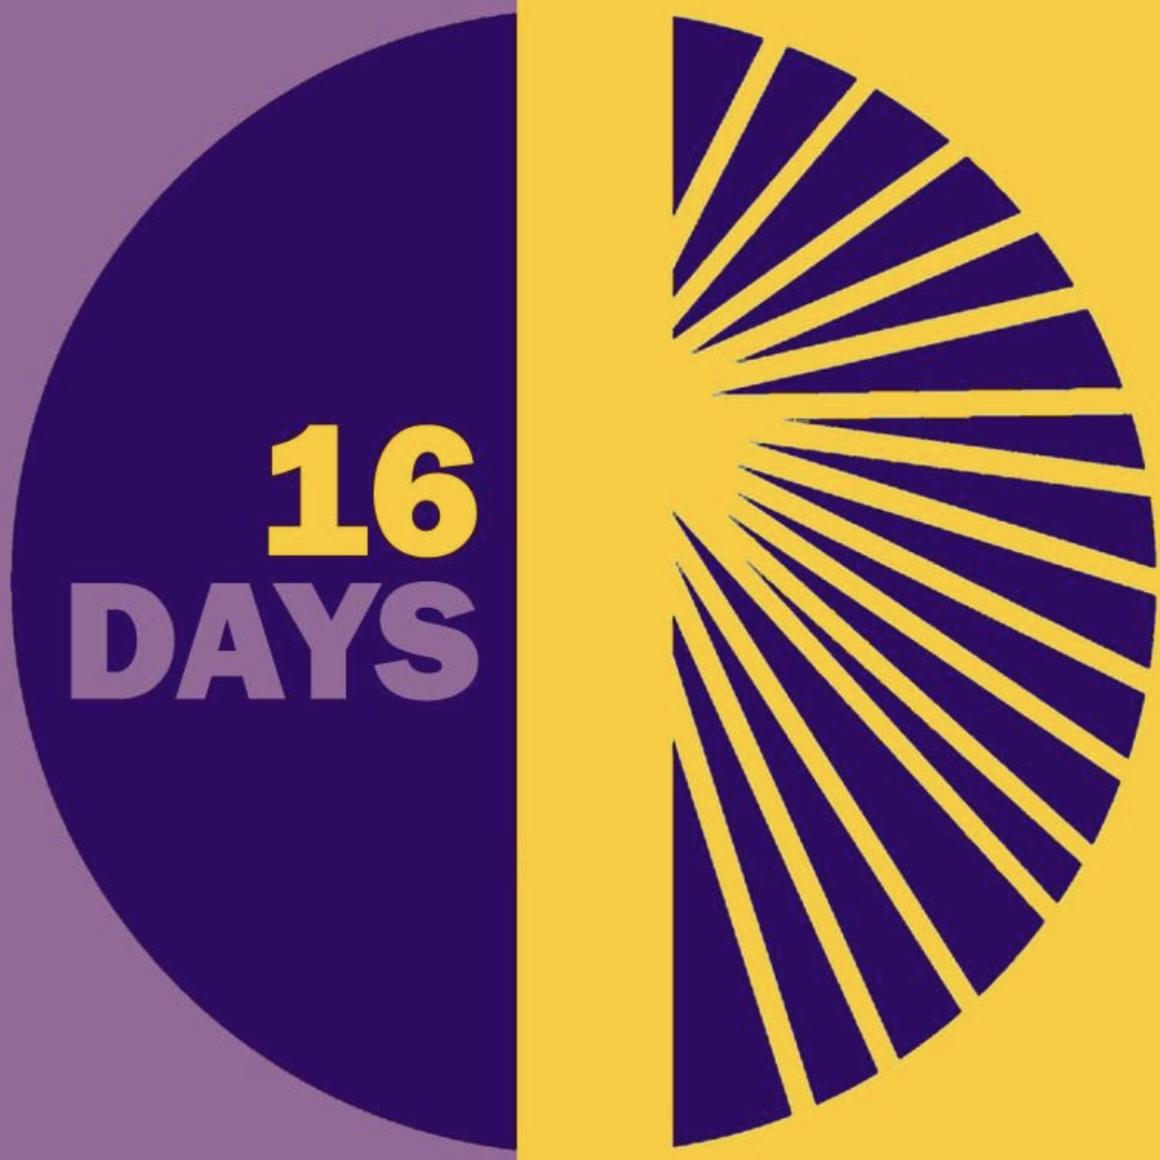 16 Days Campaign – Together Against Gender-Based Violence